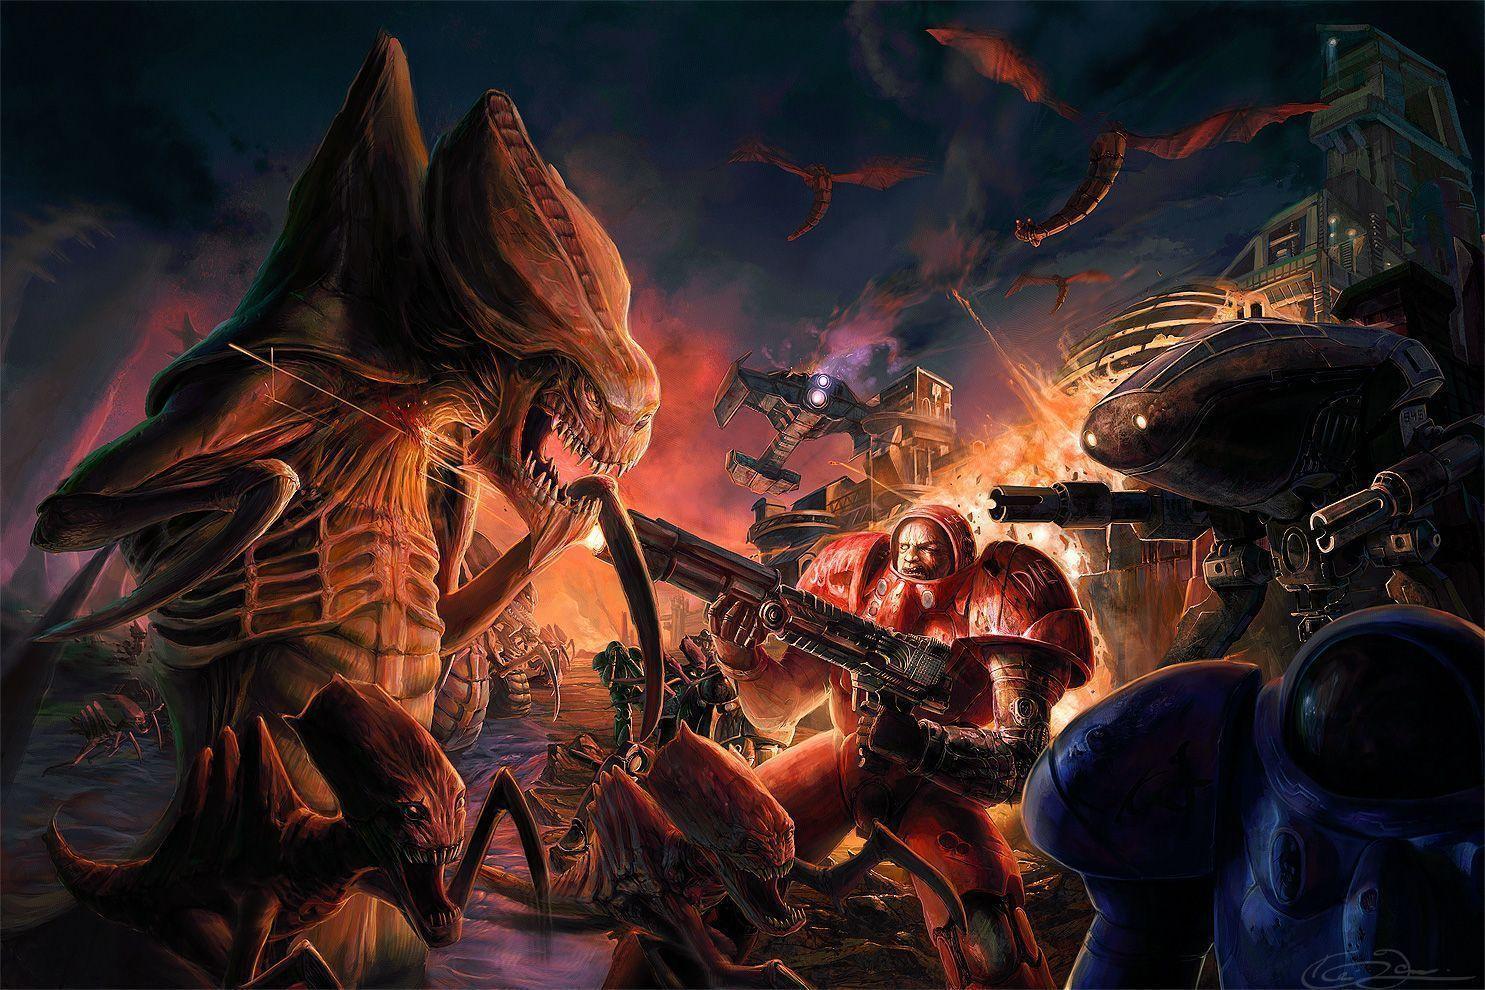 Starcraft wallpapers wallpaper cave - Starcraft 2 wallpaper art ...